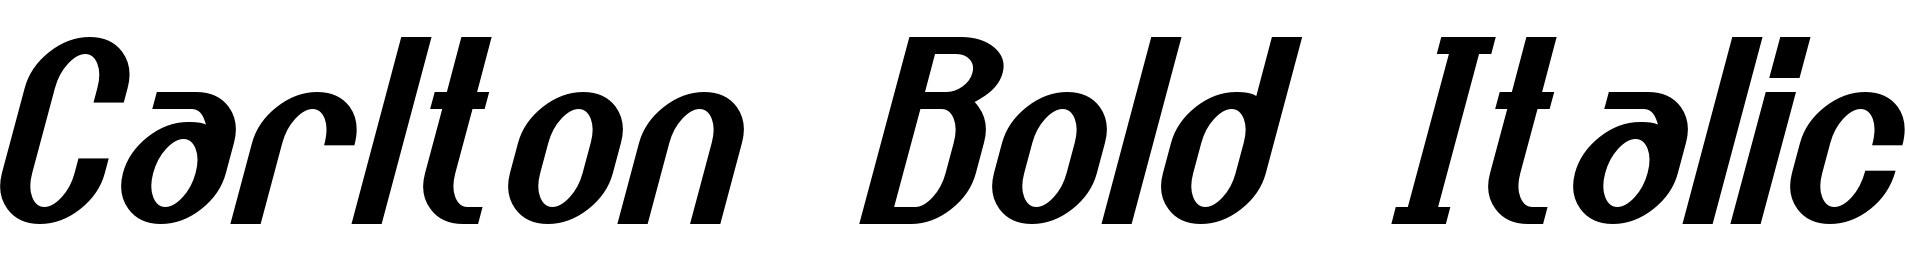 Carlton Bold Italic